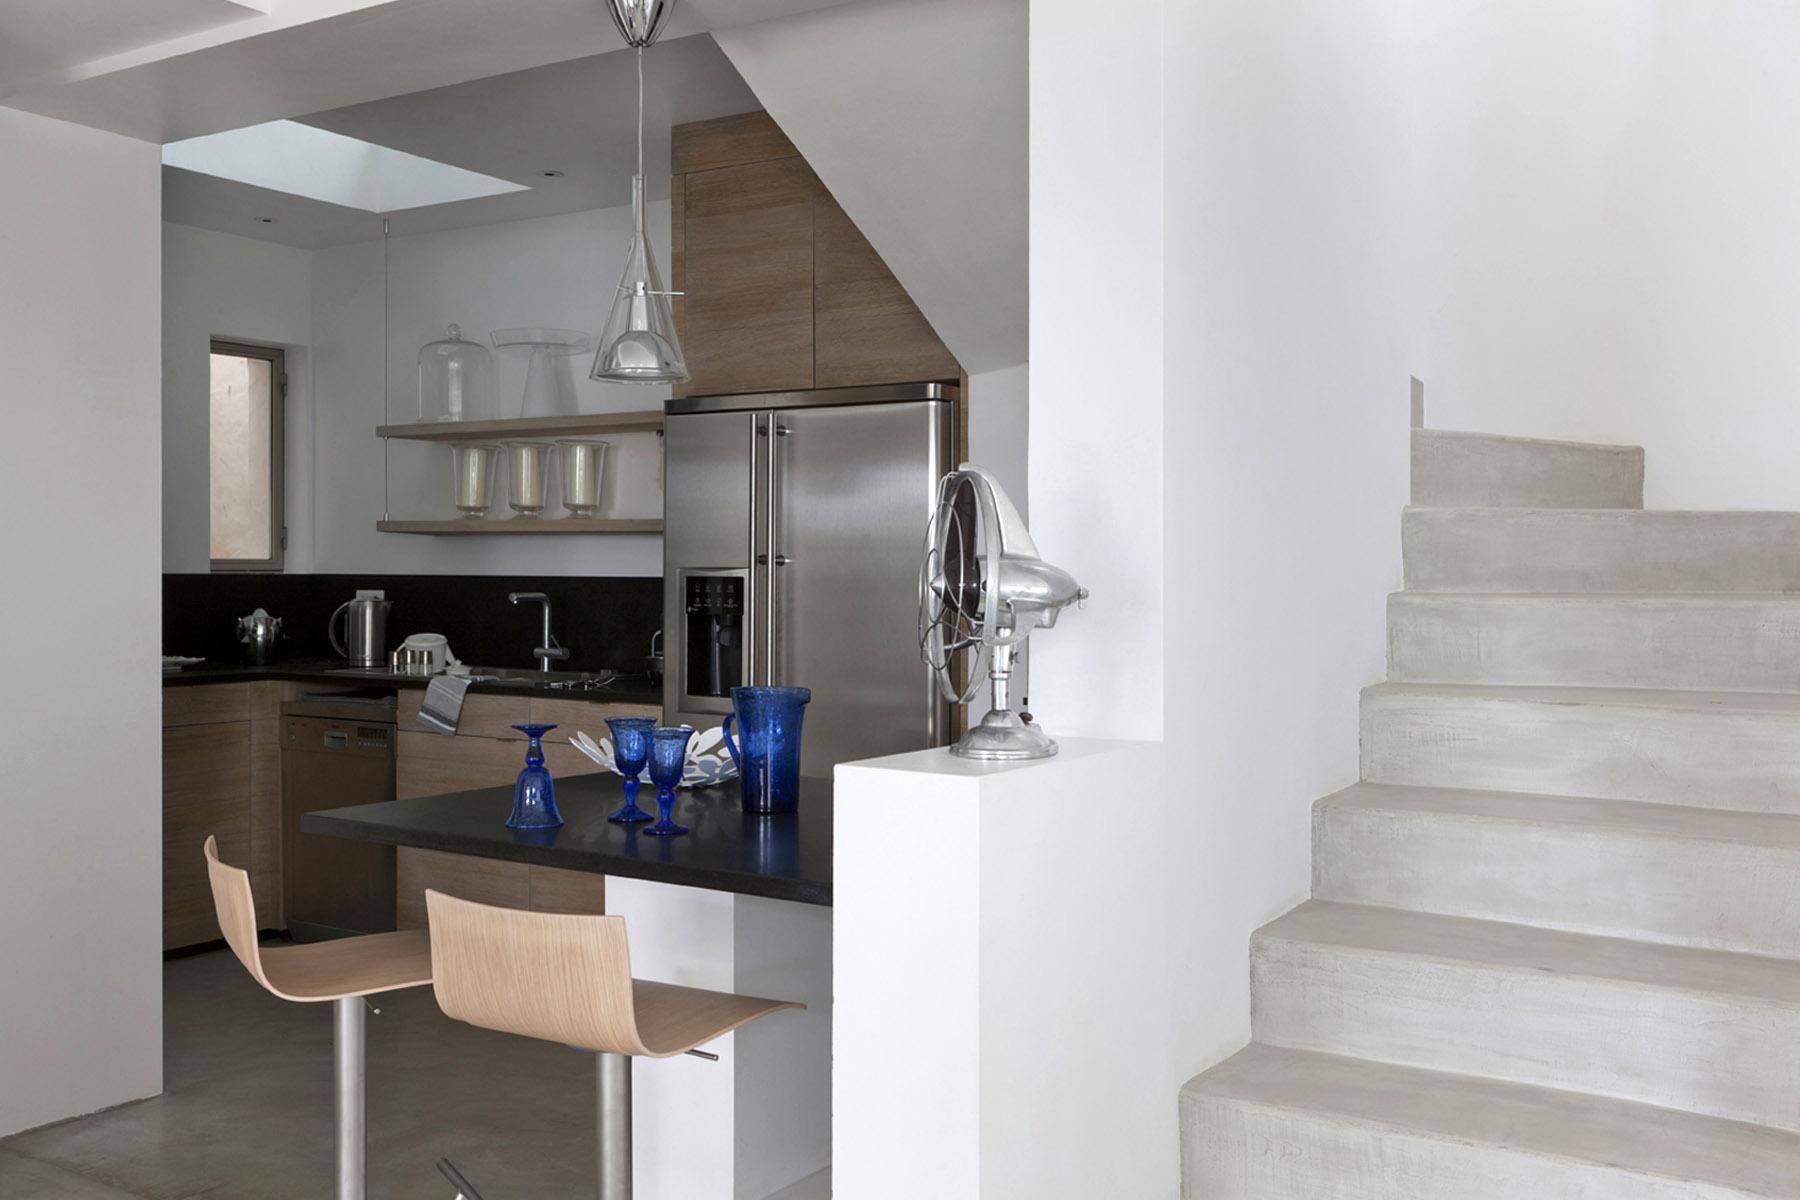 HR1_Florence_Watine_Architecte_Designer_Decoratrice_Paris_France_Architecture_Villa_Maison_Cuisine